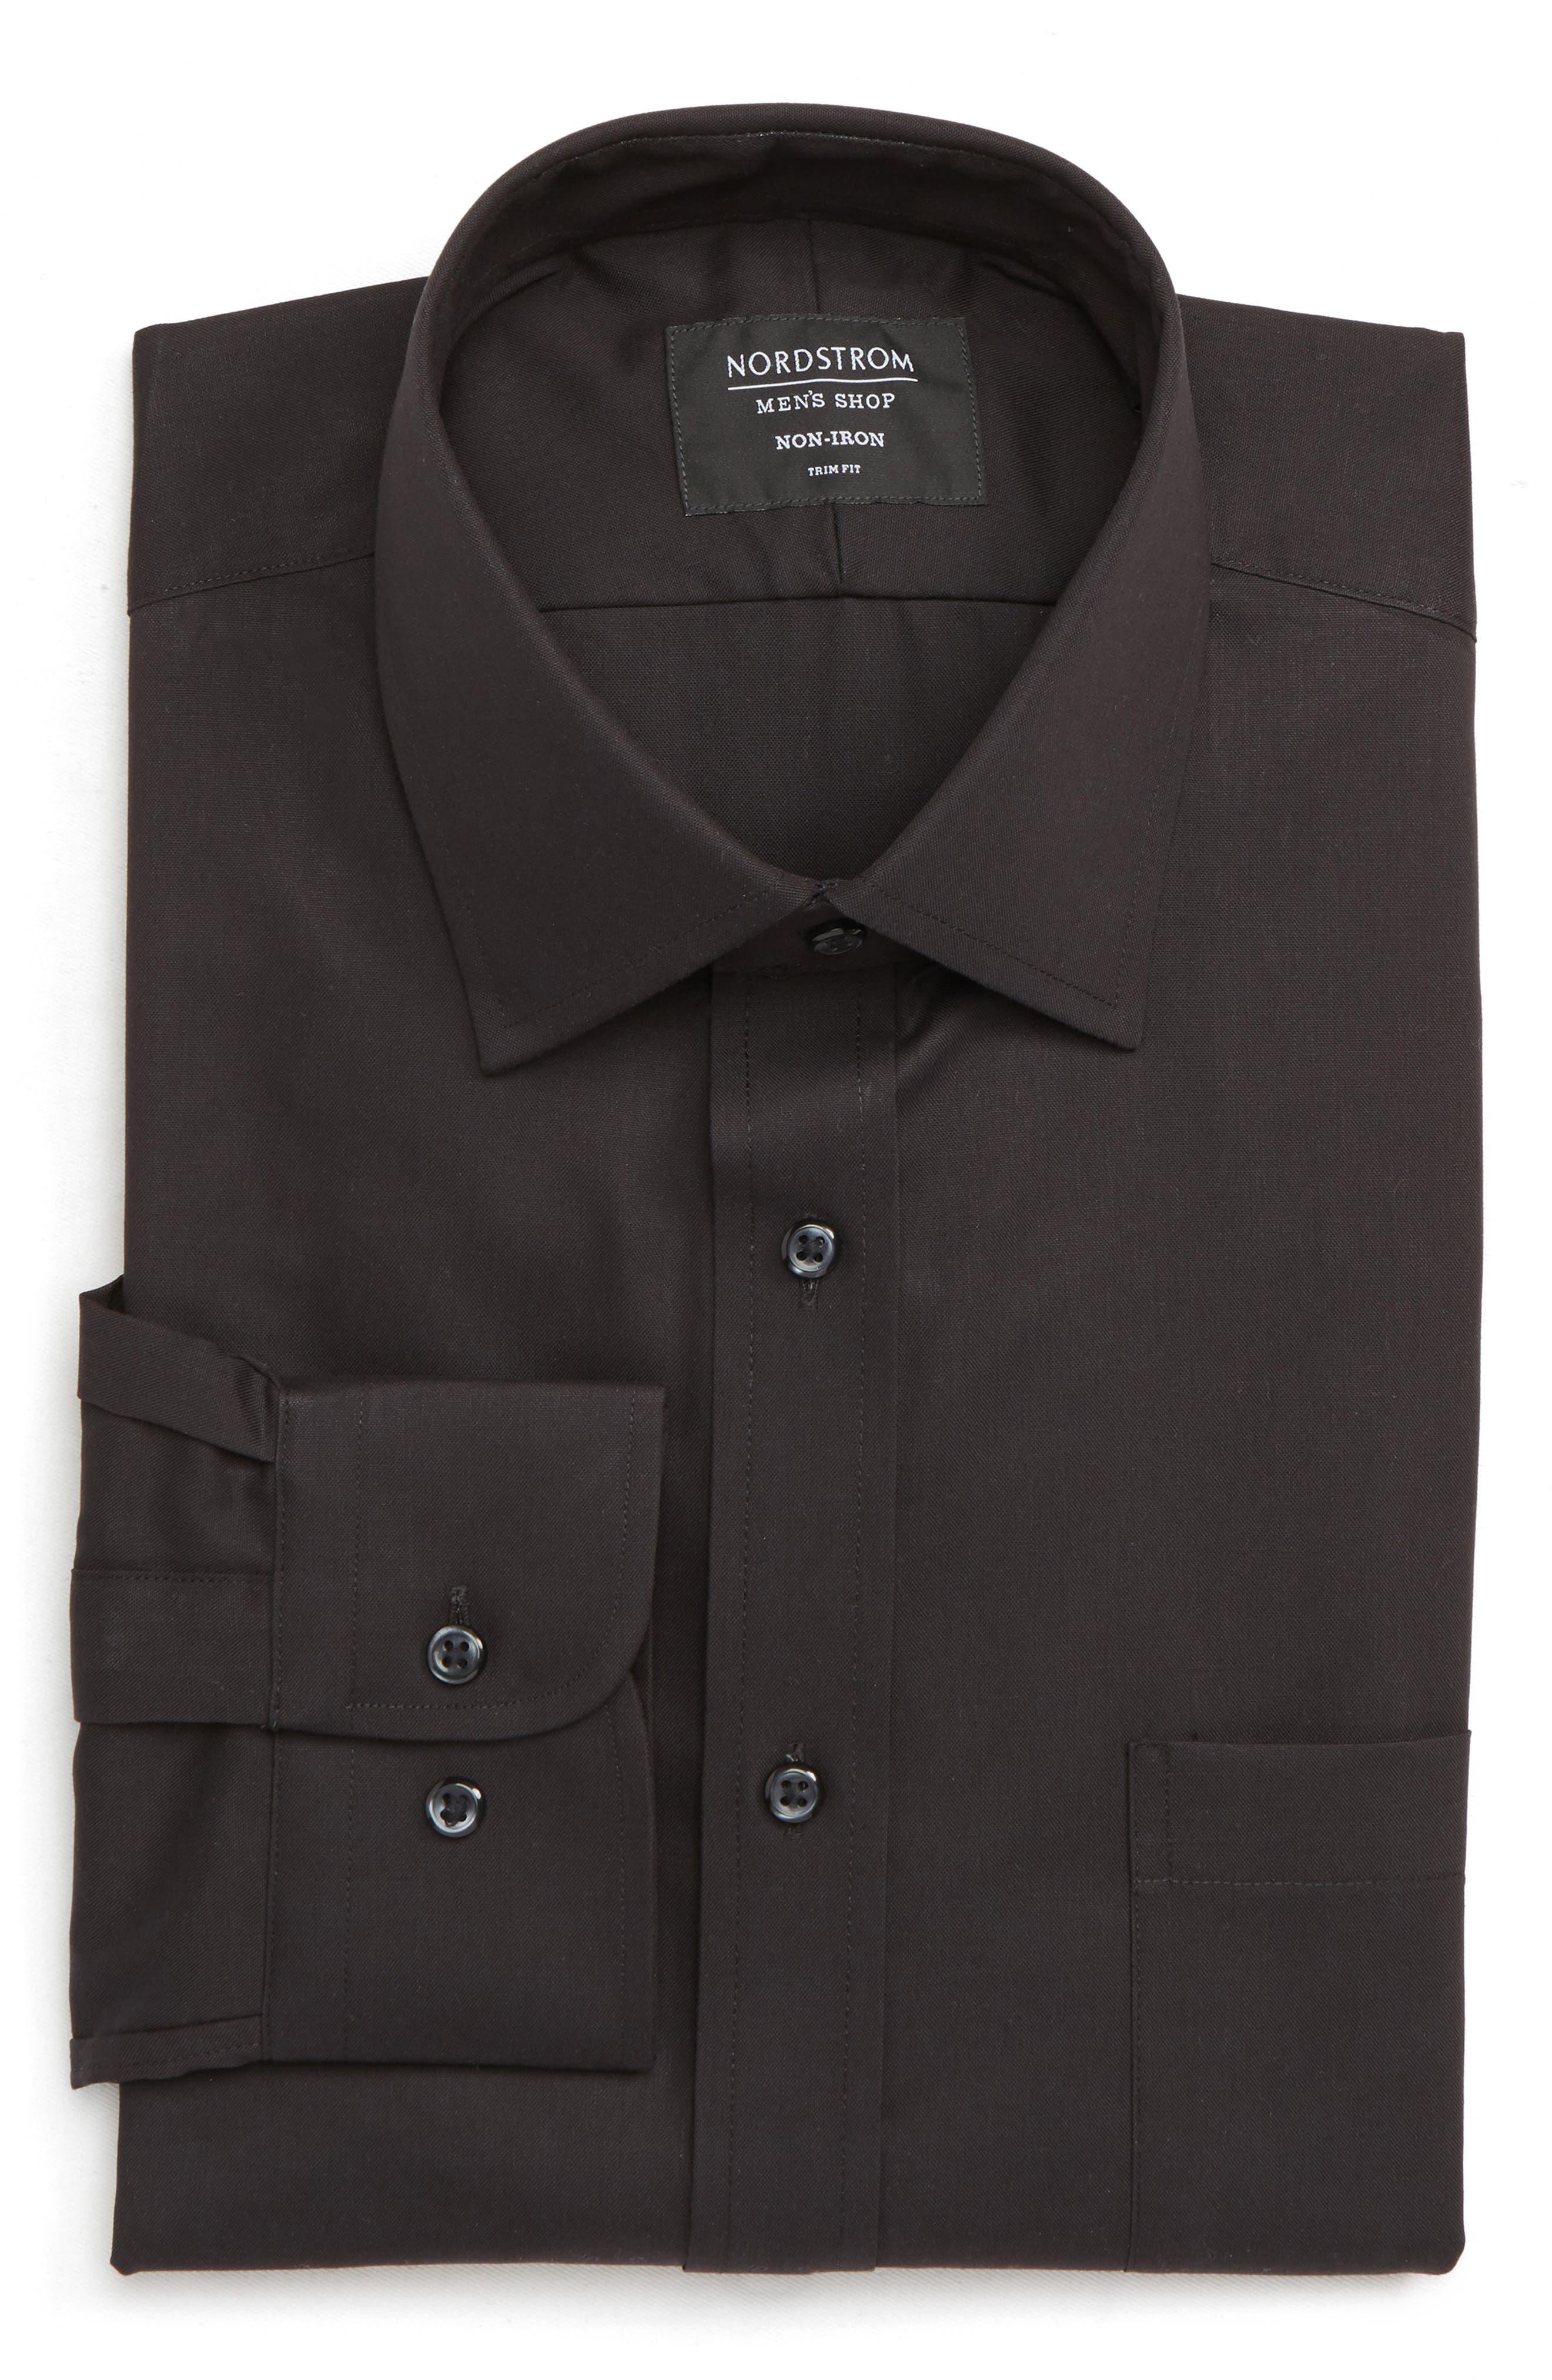 NORDSTROM MEN'S SHOP Trim Fit Non-Iron Dress Shirt, Main, color, BLACK